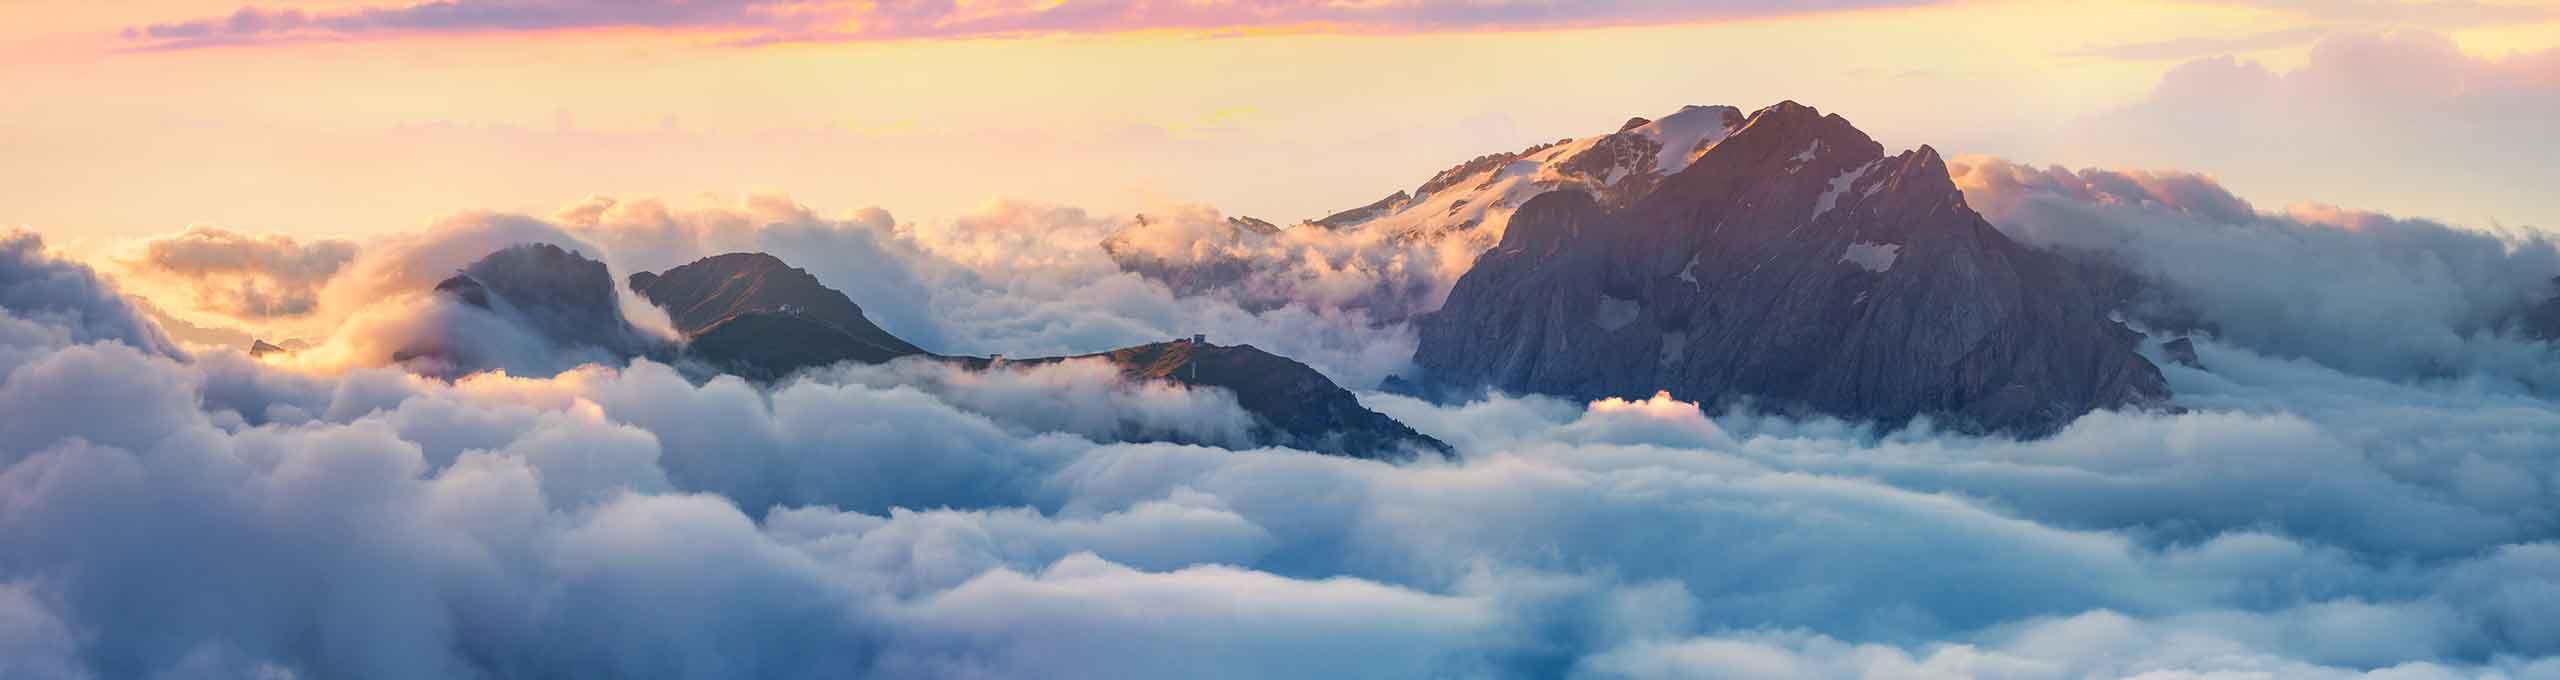 Parco Nazionale delle Dolomiti